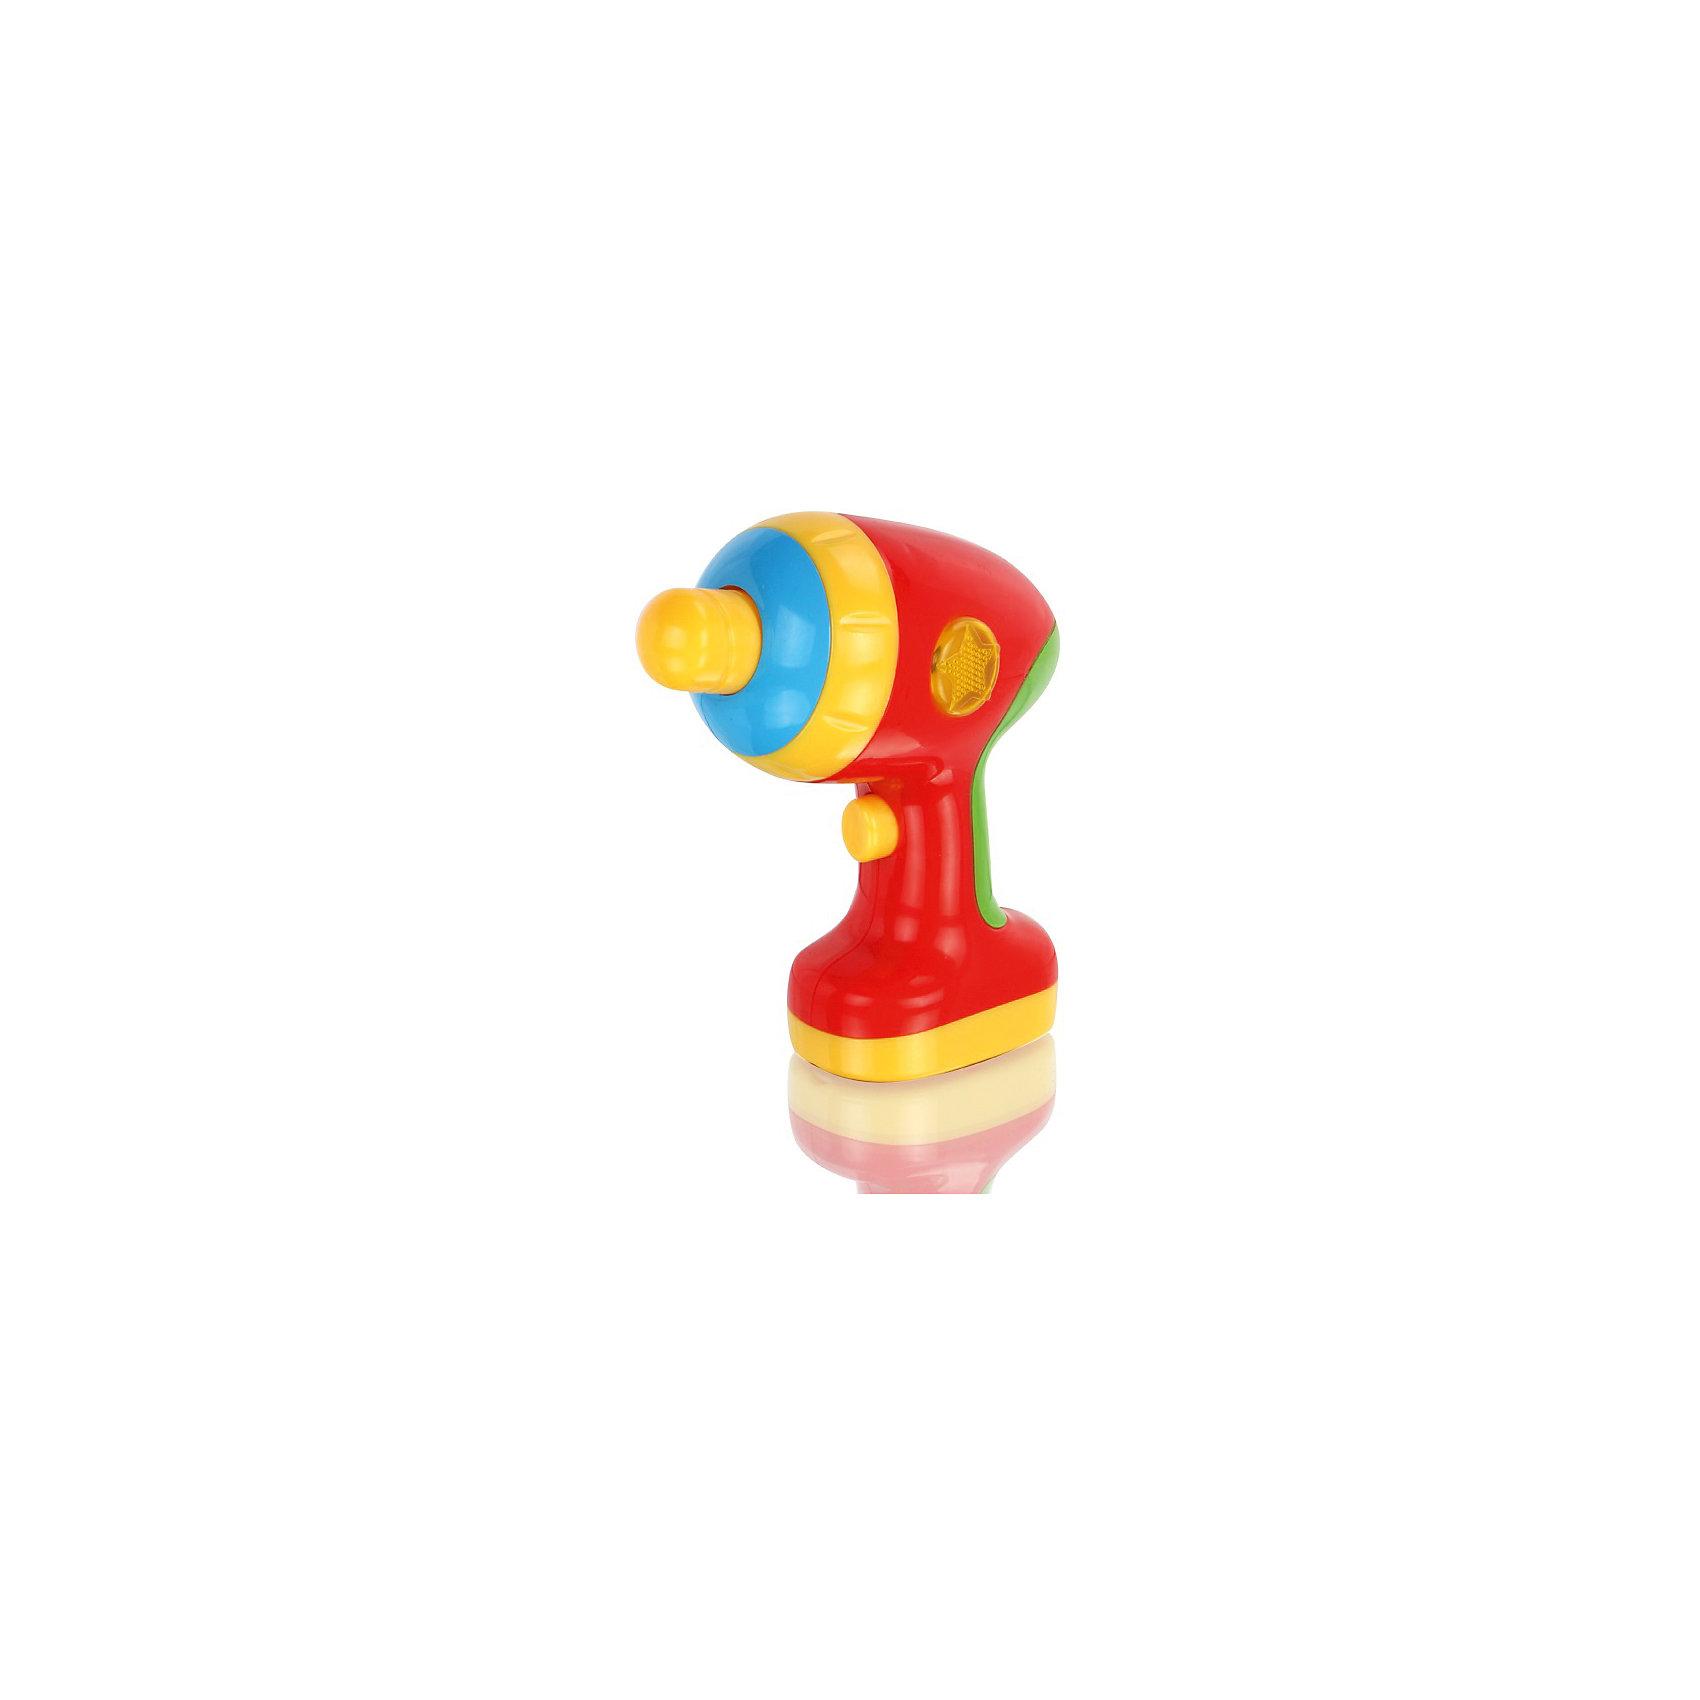 Игрушка Дрель, со звуком, МалышарикиИгрушка Дрель, со звуком, Малышарики<br><br>Характеристики:<br><br>• сверло вращается<br>• световые и звуковые эффекты<br>• материал: пластик<br>• батарейки: ААА - 2 шт. (в комплекте не входят)<br>• размер дрели: 14х7х13,5 см<br>• размер упаковки: 15х23х8 см<br>• вес: 230 грамм<br><br>Игрушечная дрель пригодится каждому юному помощнику. Она поможет ребенку придумать веселую игру, подражая родителям. Сверло дрели крутится, а сама дрель издает при этом веселые звуки. Световые и звуковые эффекты точно не позволят малышу заскучать! Игрушка изготовлена из безопасного пластика, края закруглены.<br><br>Игрушку Дрель, со звуком, Малышарики можно купить в нашем интернет-магазине.<br><br>Ширина мм: 150<br>Глубина мм: 80<br>Высота мм: 230<br>Вес г: 245<br>Возраст от месяцев: 12<br>Возраст до месяцев: 36<br>Пол: Мужской<br>Возраст: Детский<br>SKU: 4342856